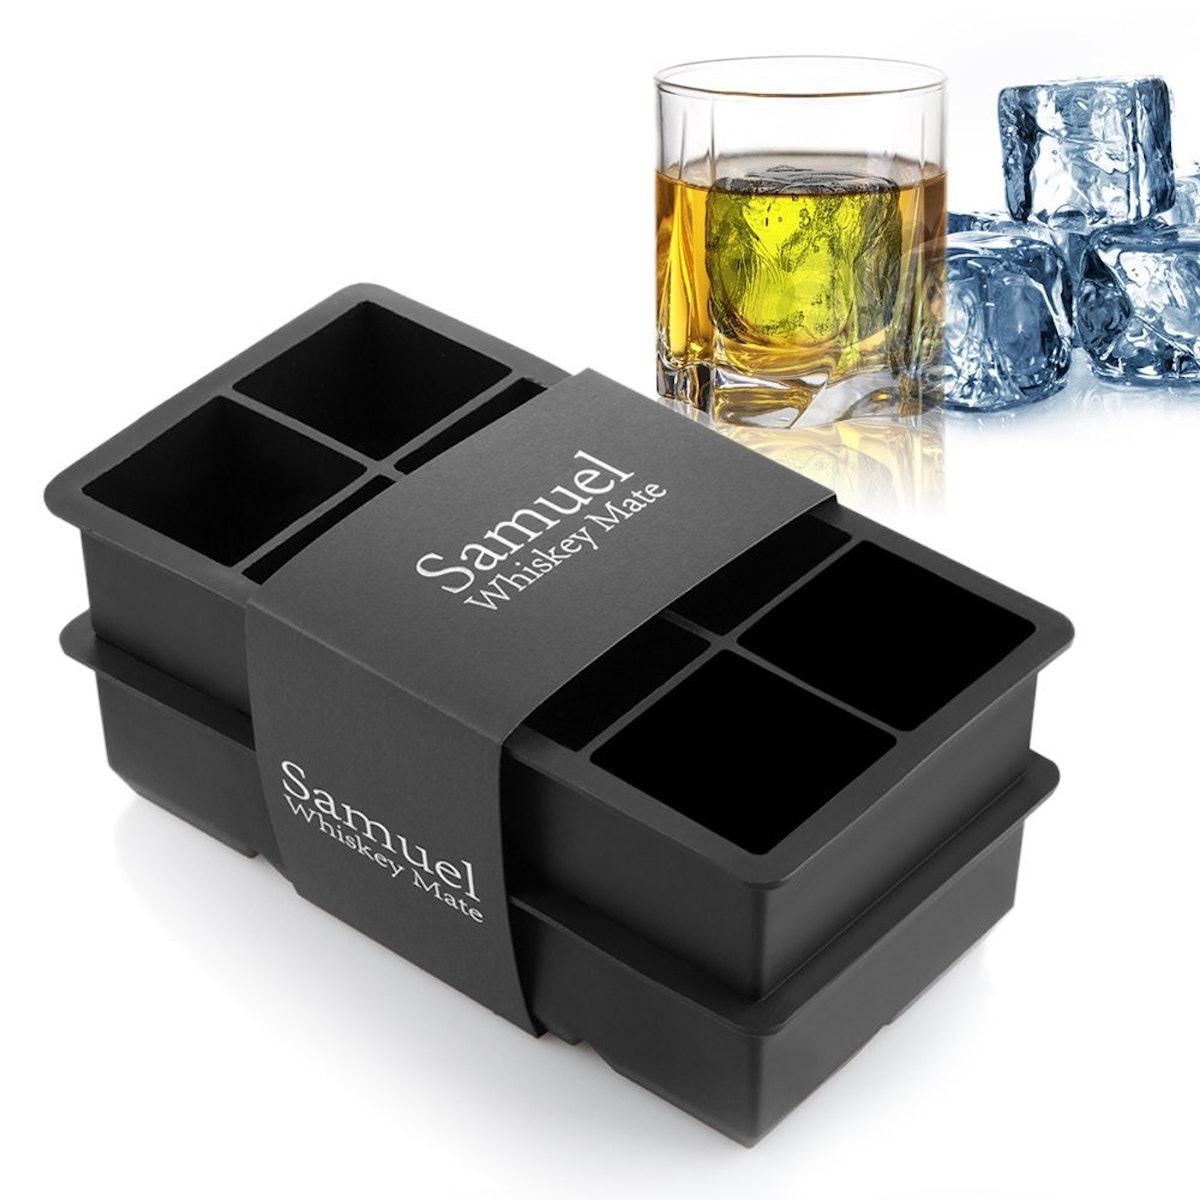 Samuelworld Ice Maker